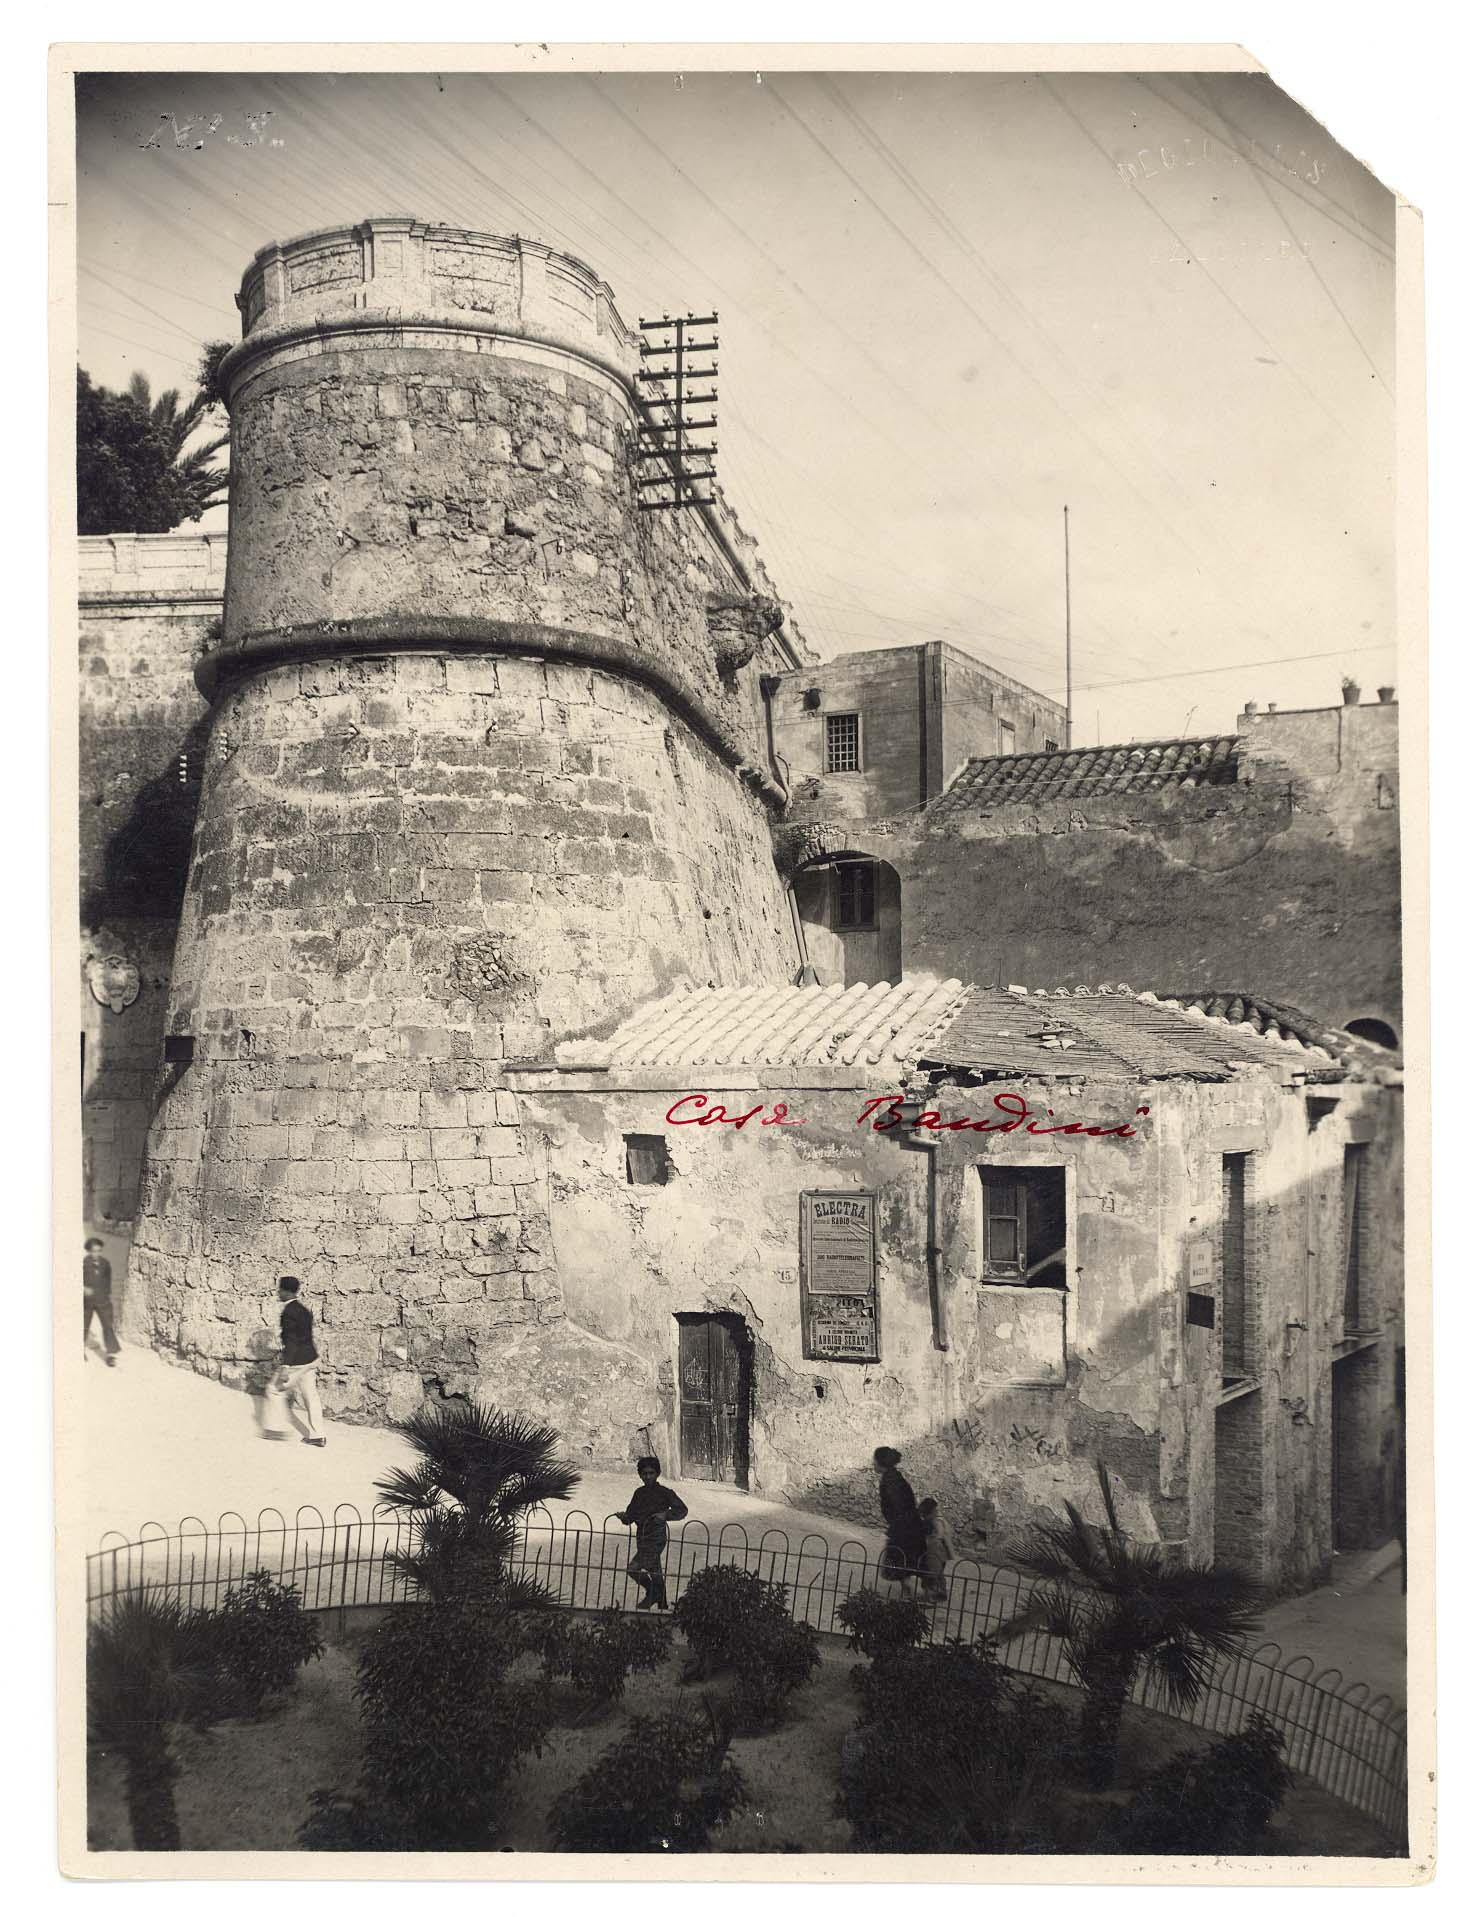 Archivio Comunale - 1929 - Topografia_jpg_foto 0022 3-4